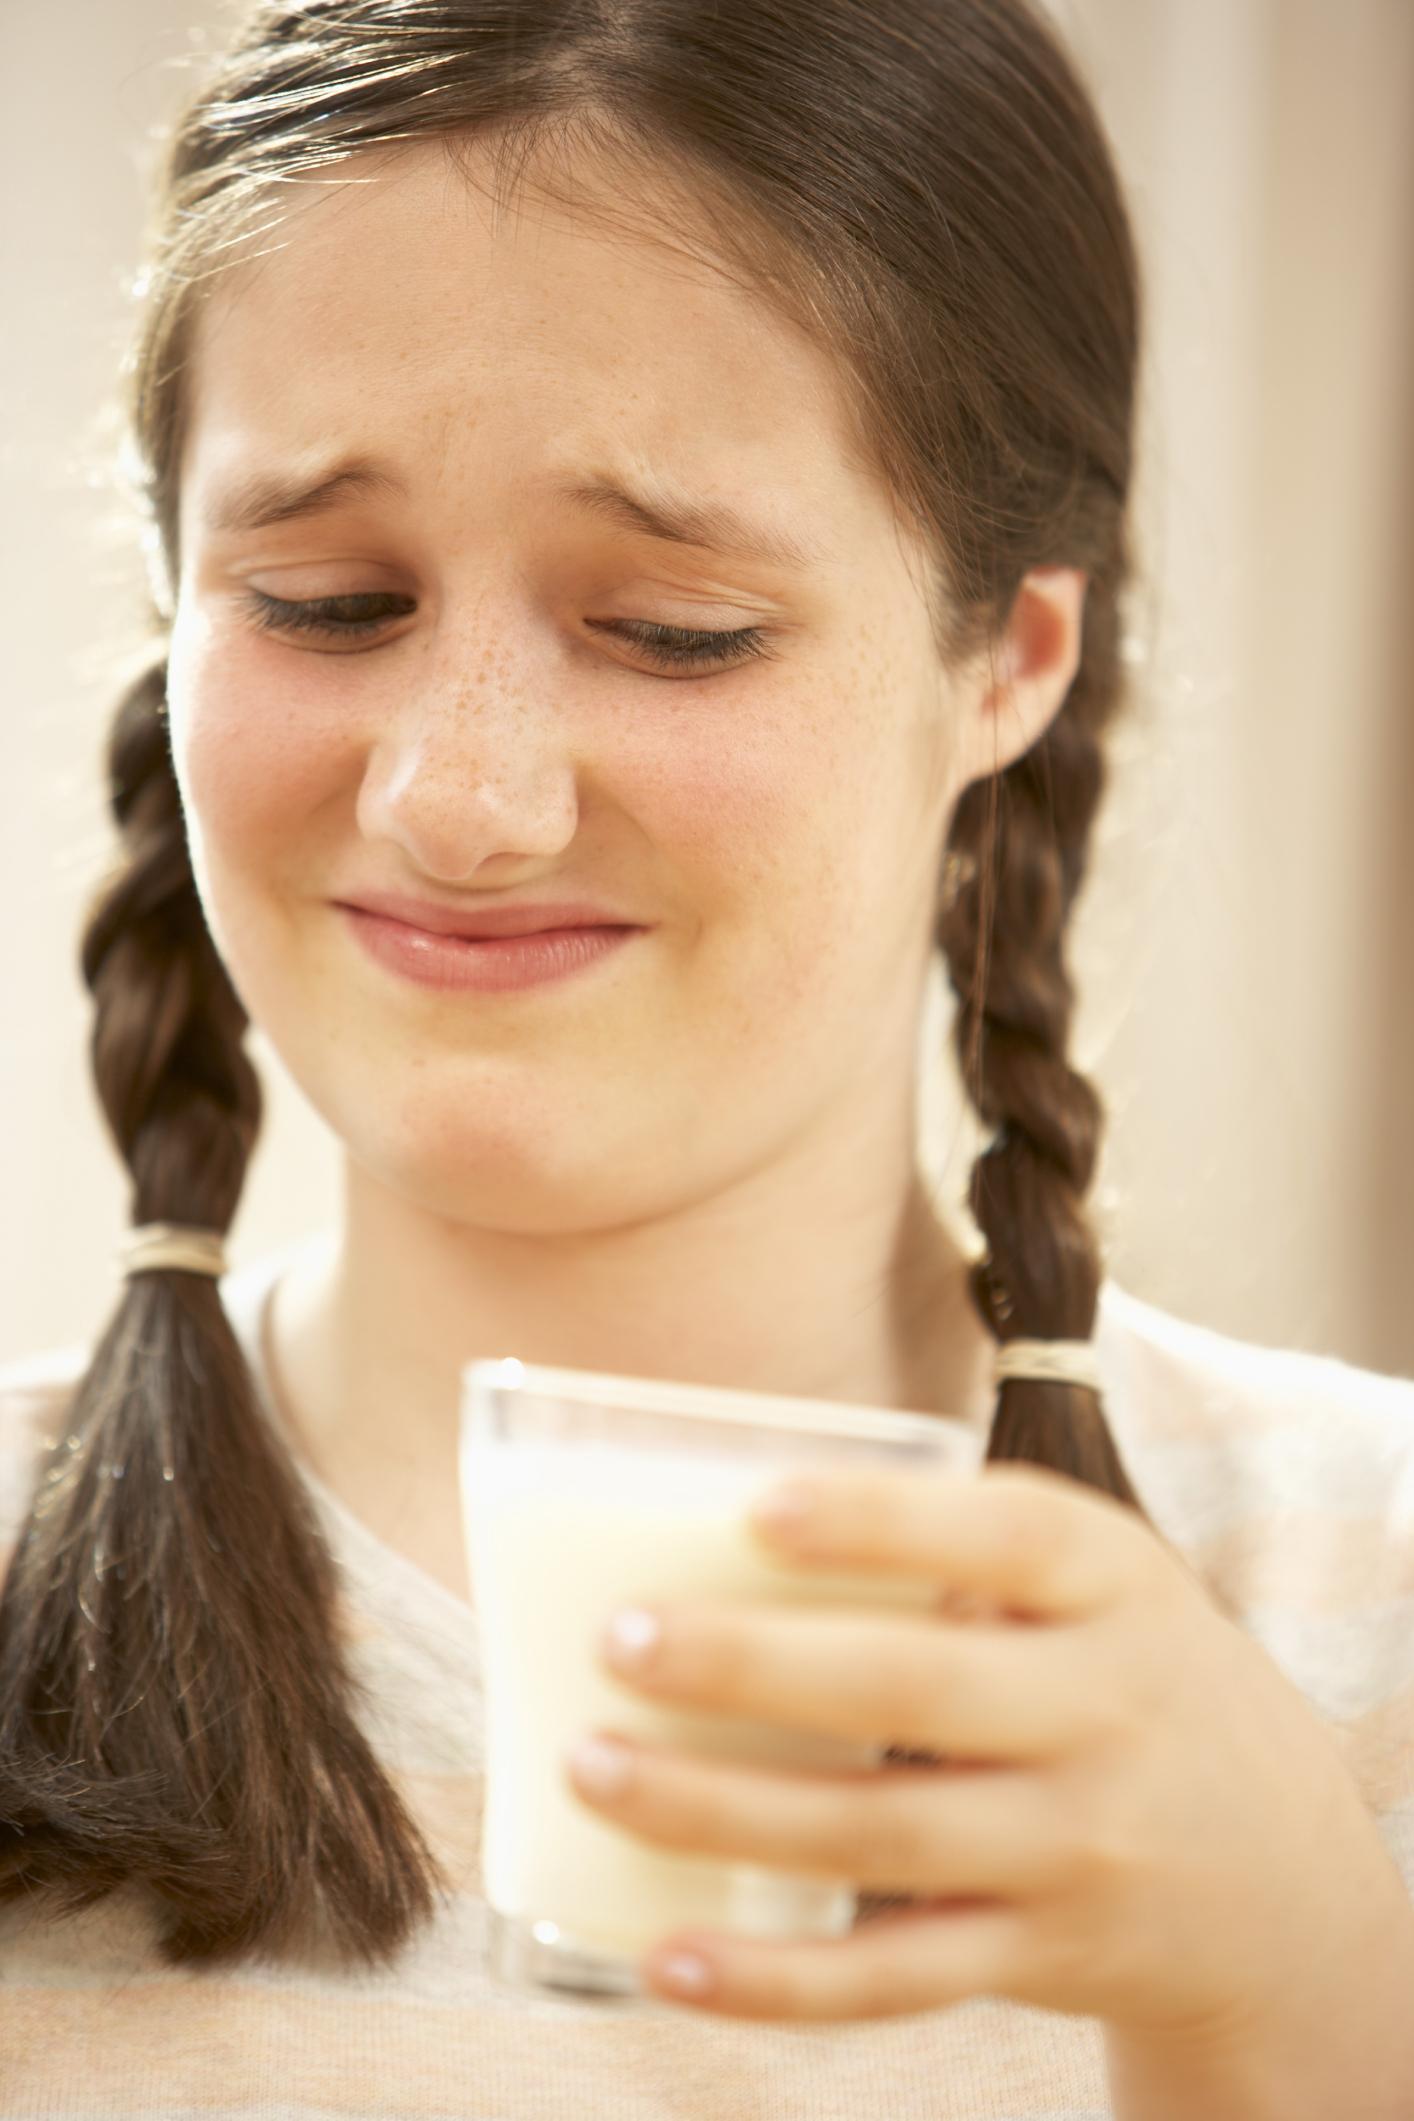 Excessive milk consumption adult